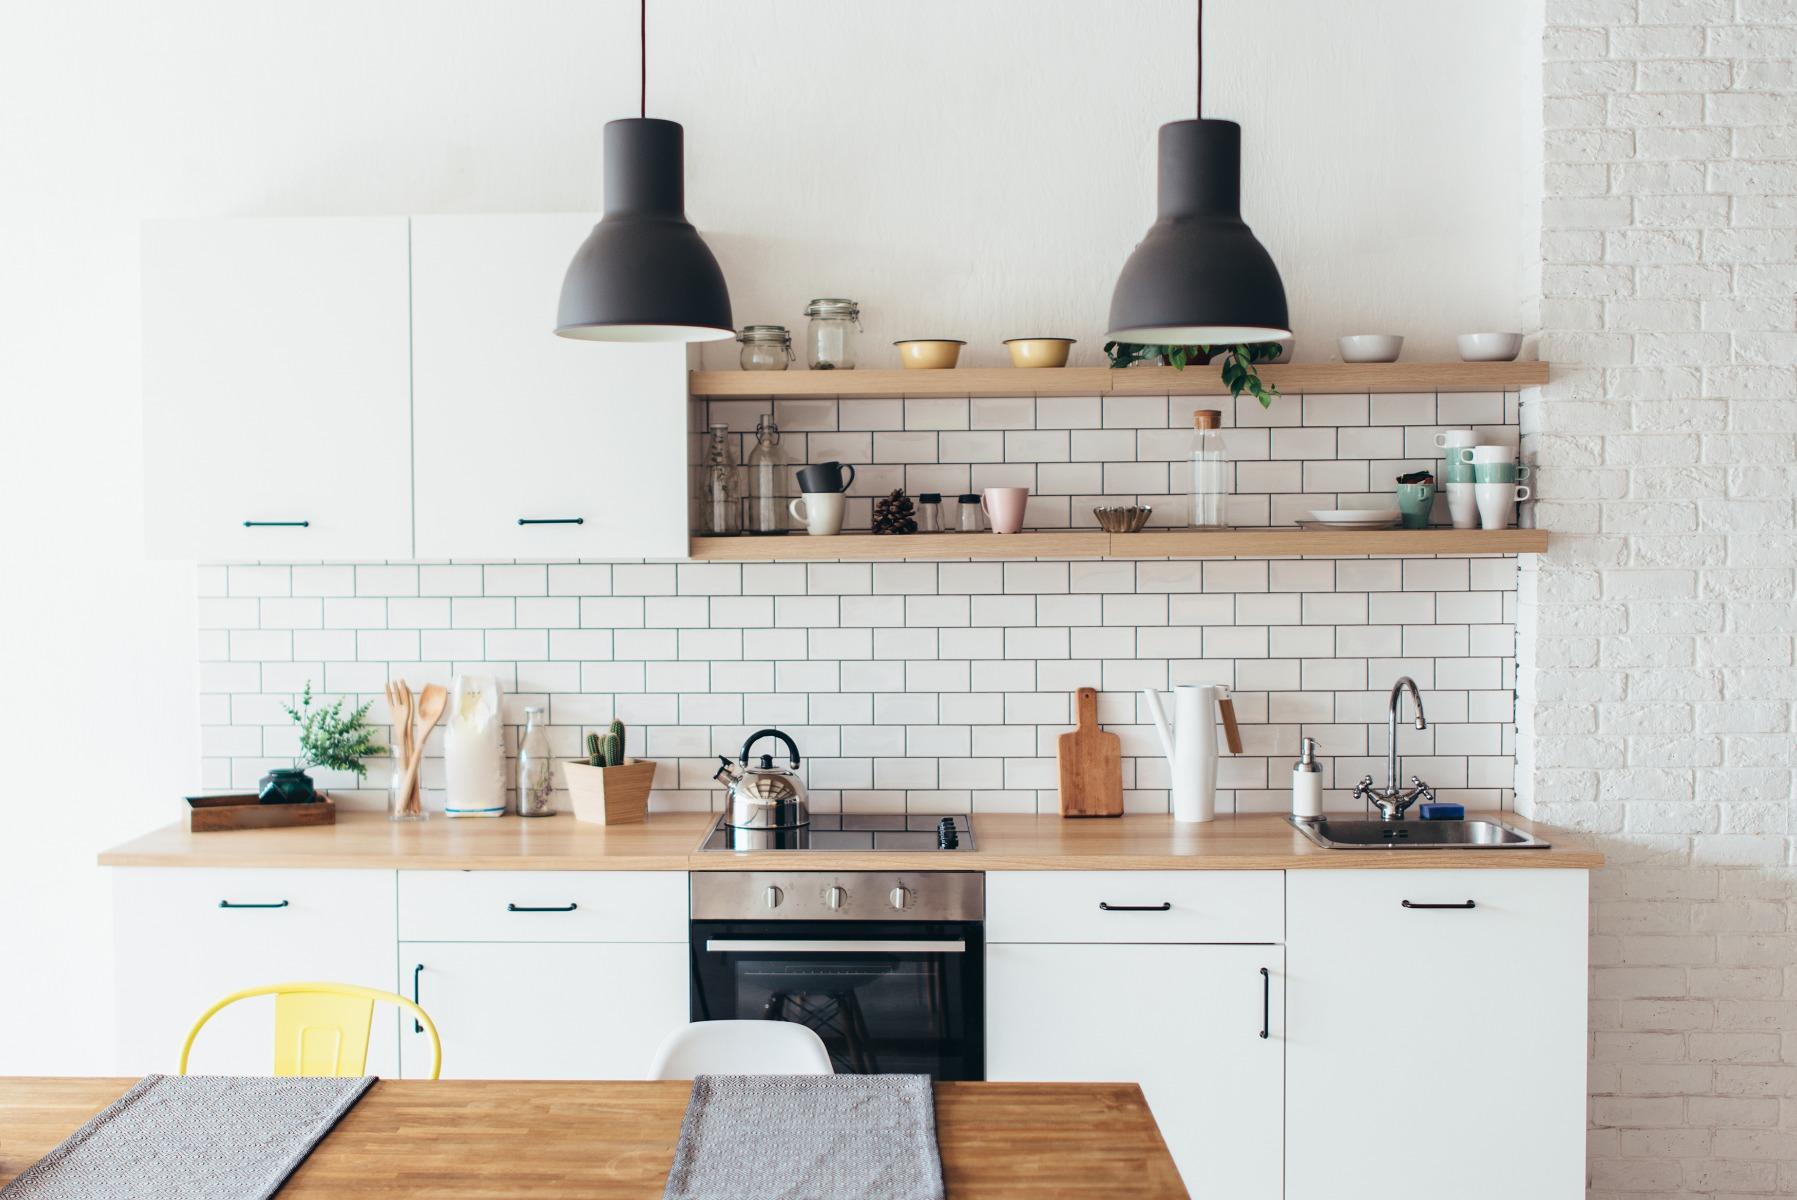 Das Bild zeigt eine kleine Küche.